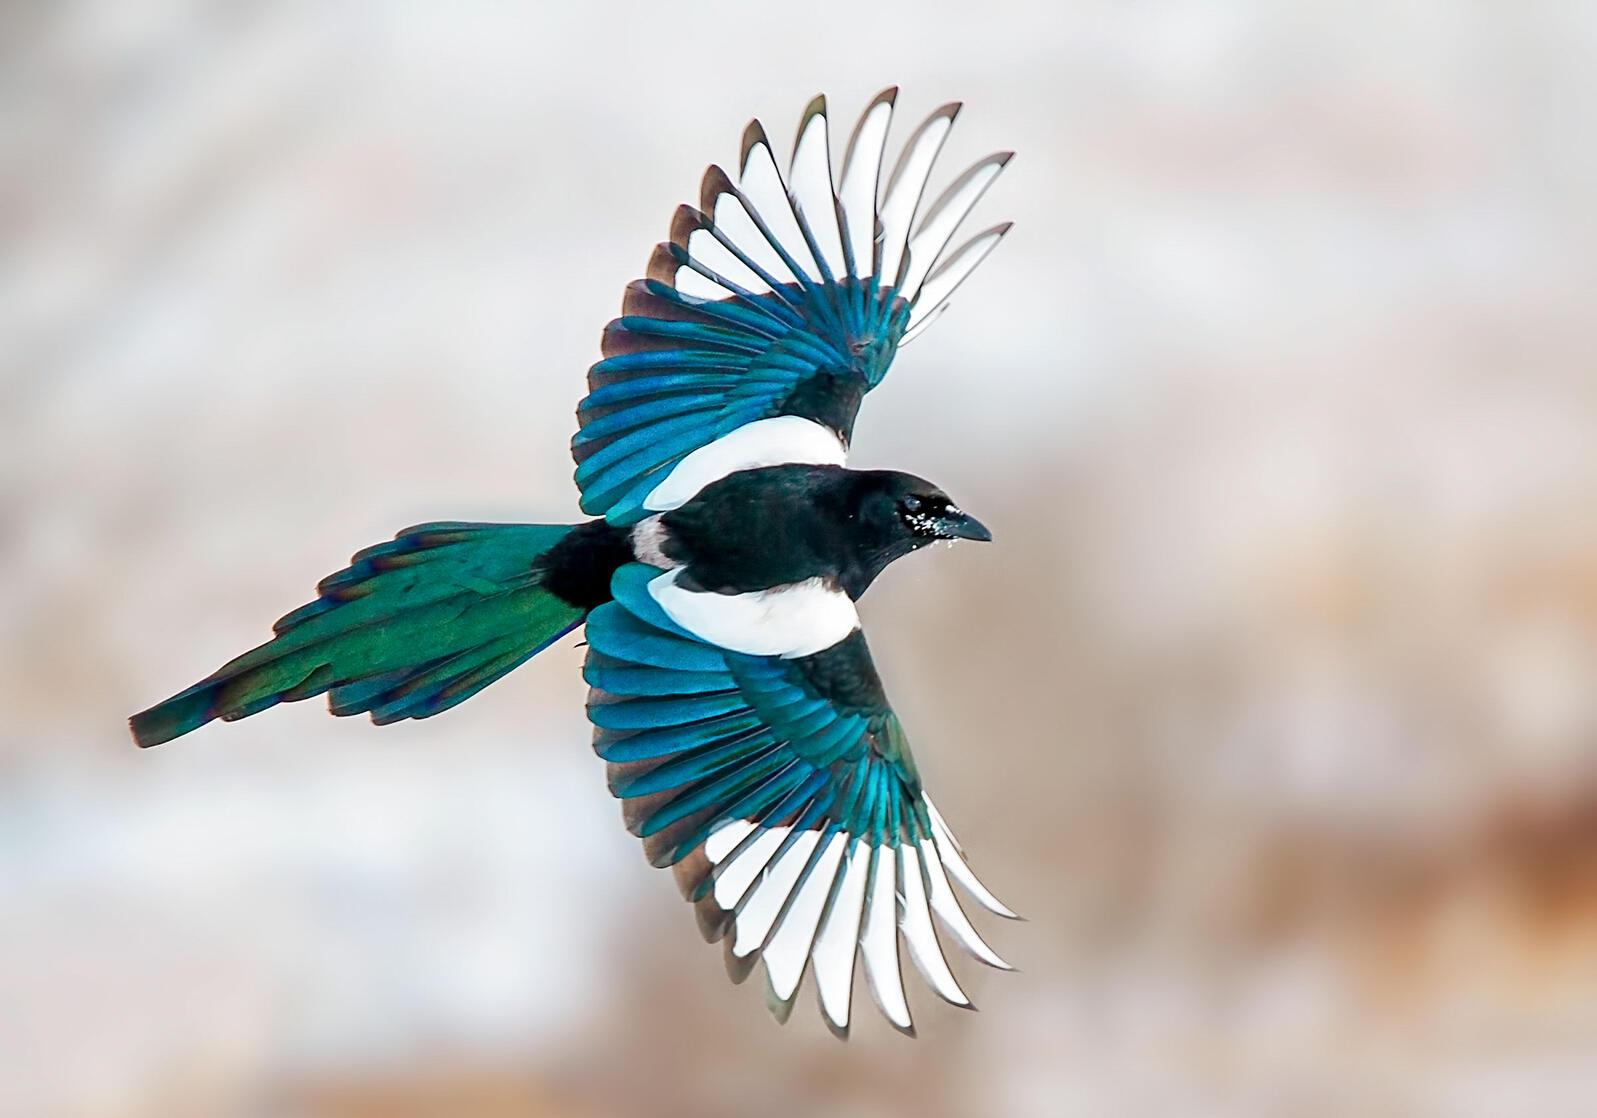 Black-billed Magpie. Amanda Ubell/Audubon Photography Awards